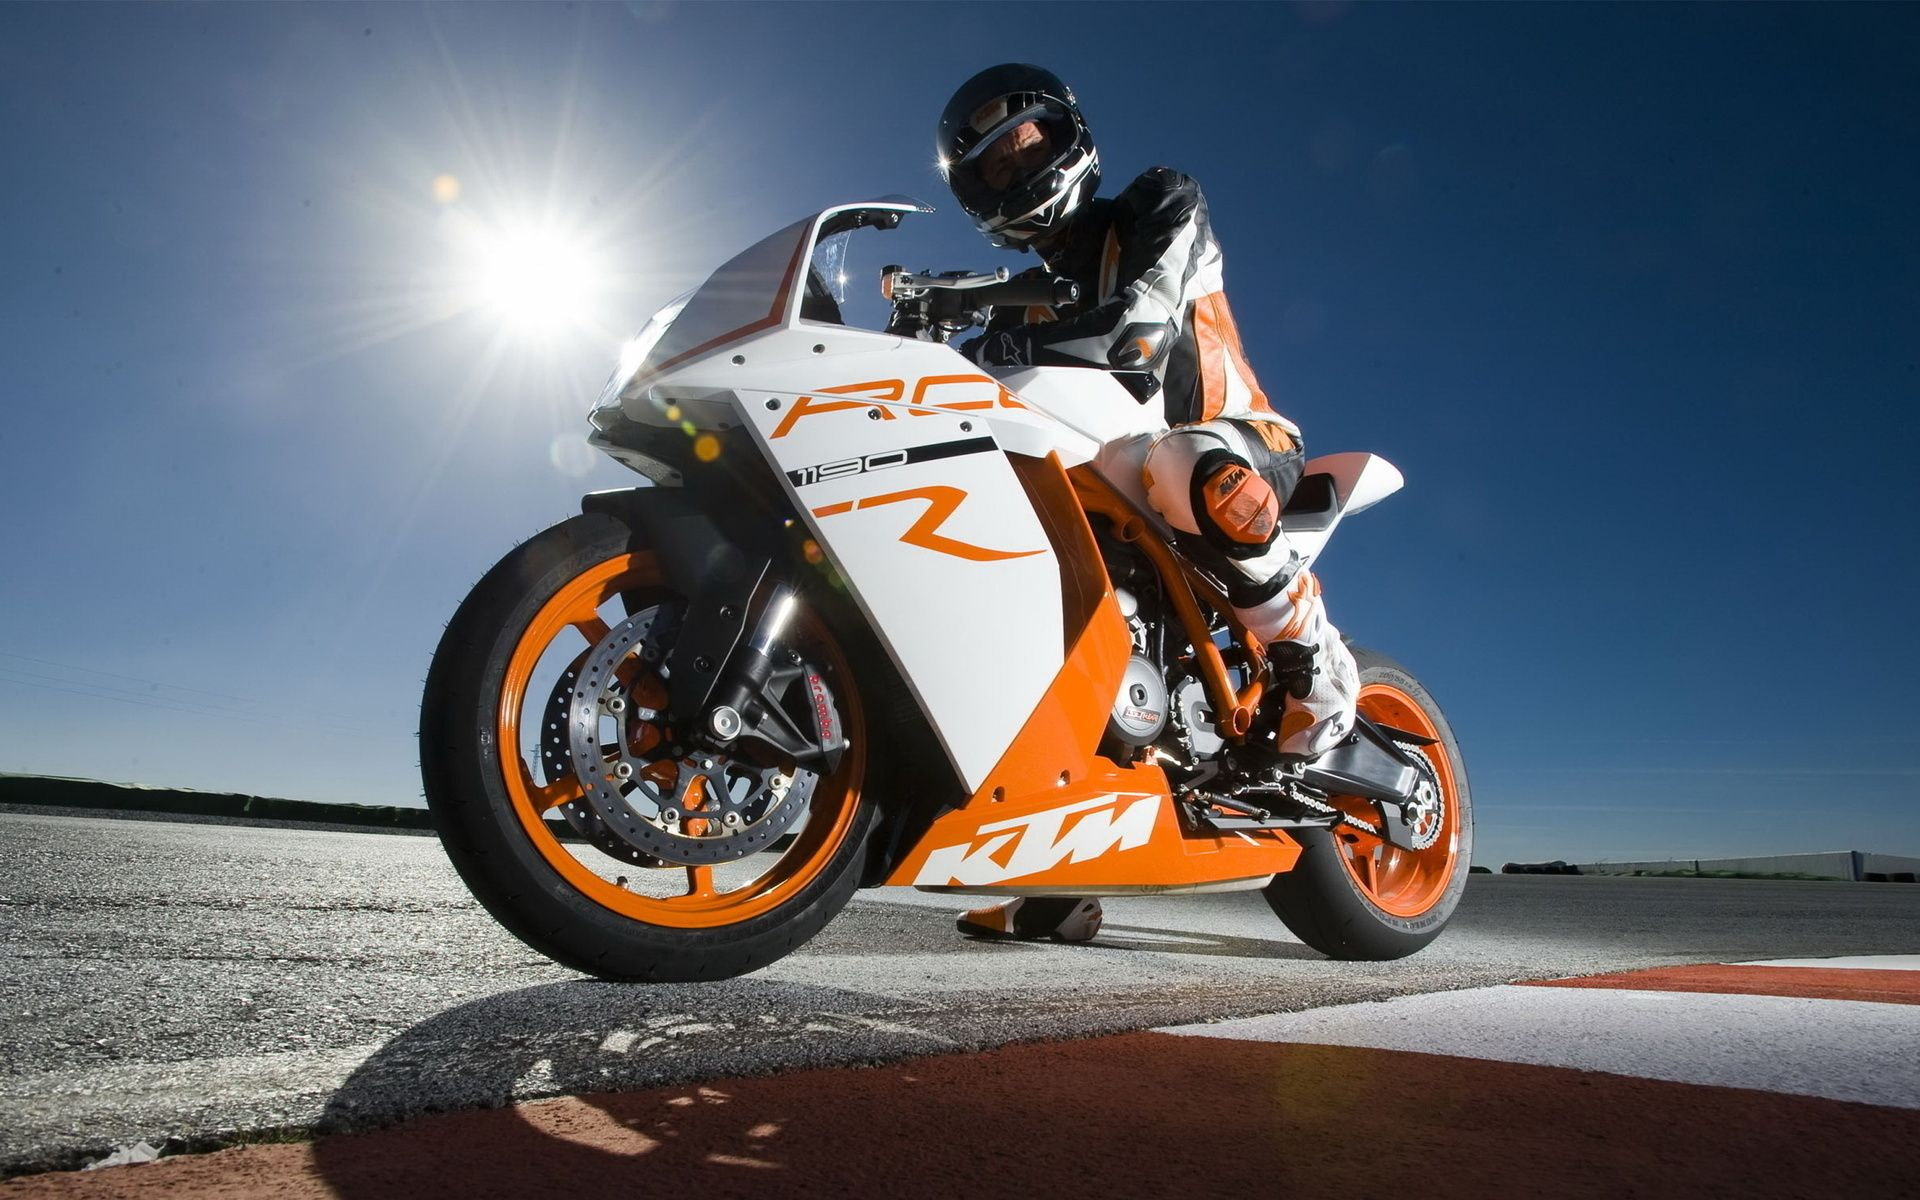 симптоматика имеет фото мотоциклов спортивных на рабочий стол можно сделать подручных